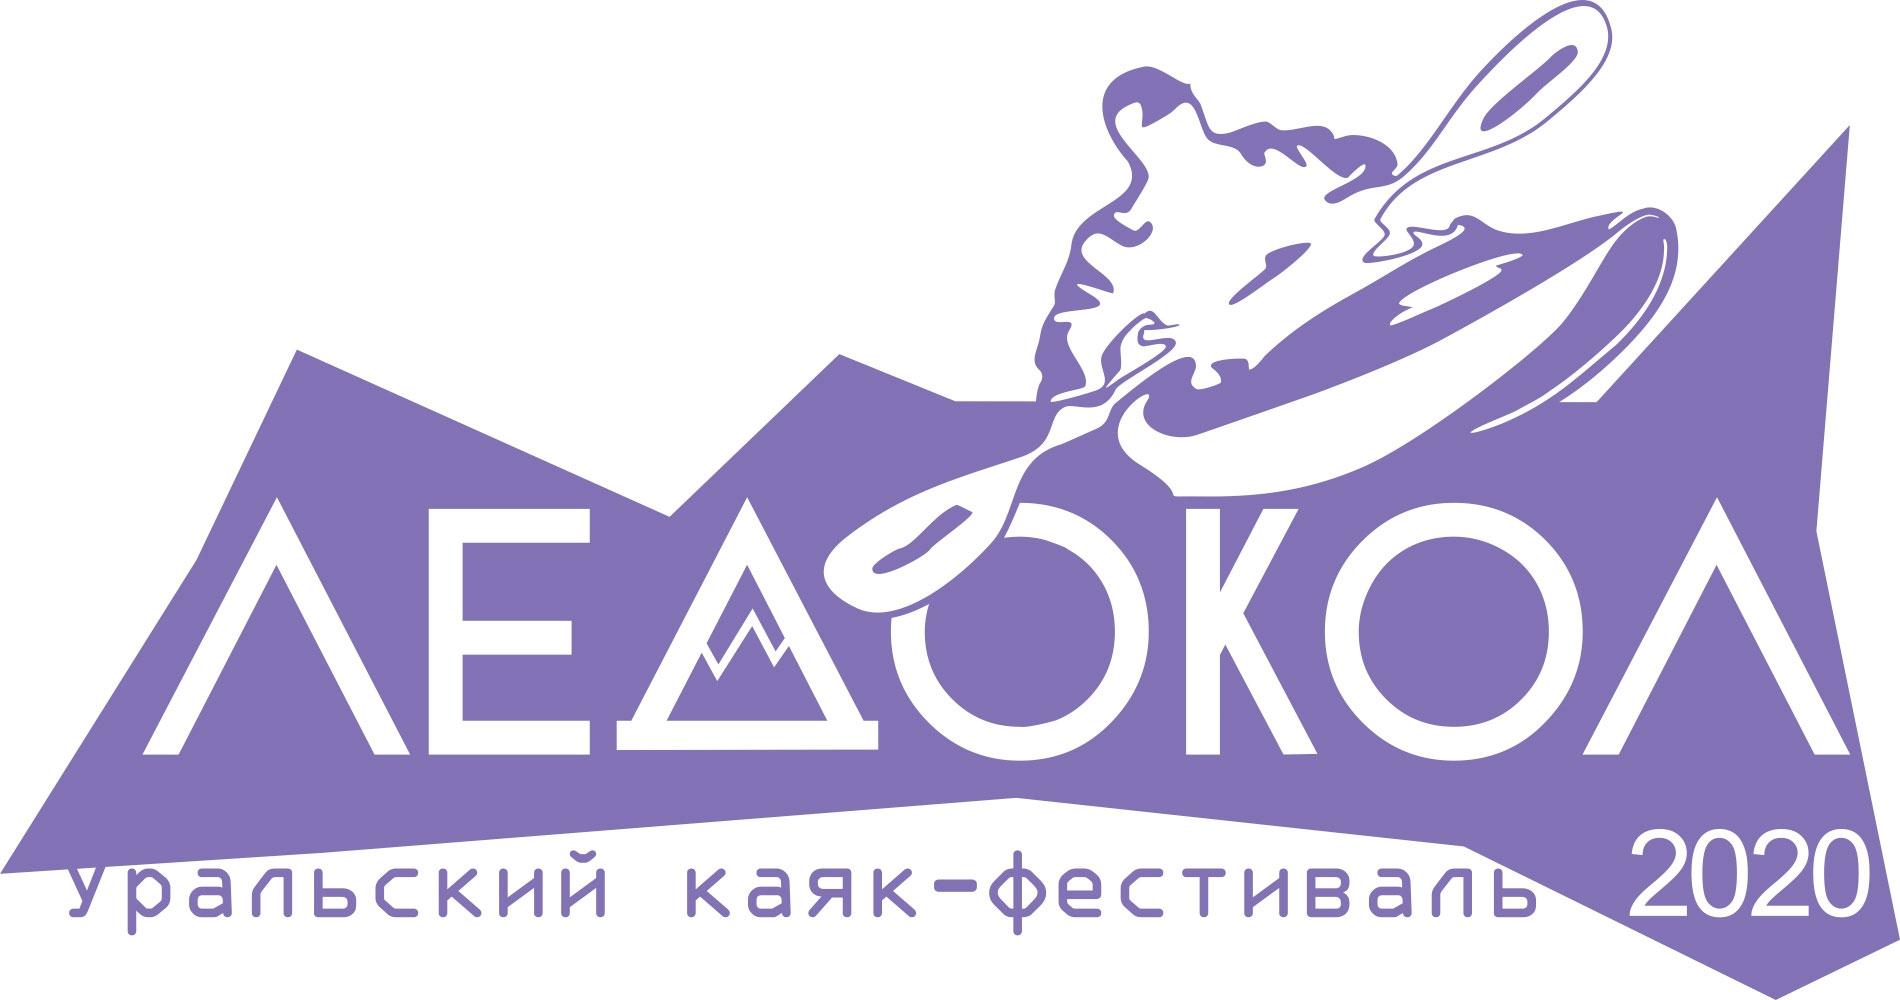 Уральский каяк-фестиваль Ледокол